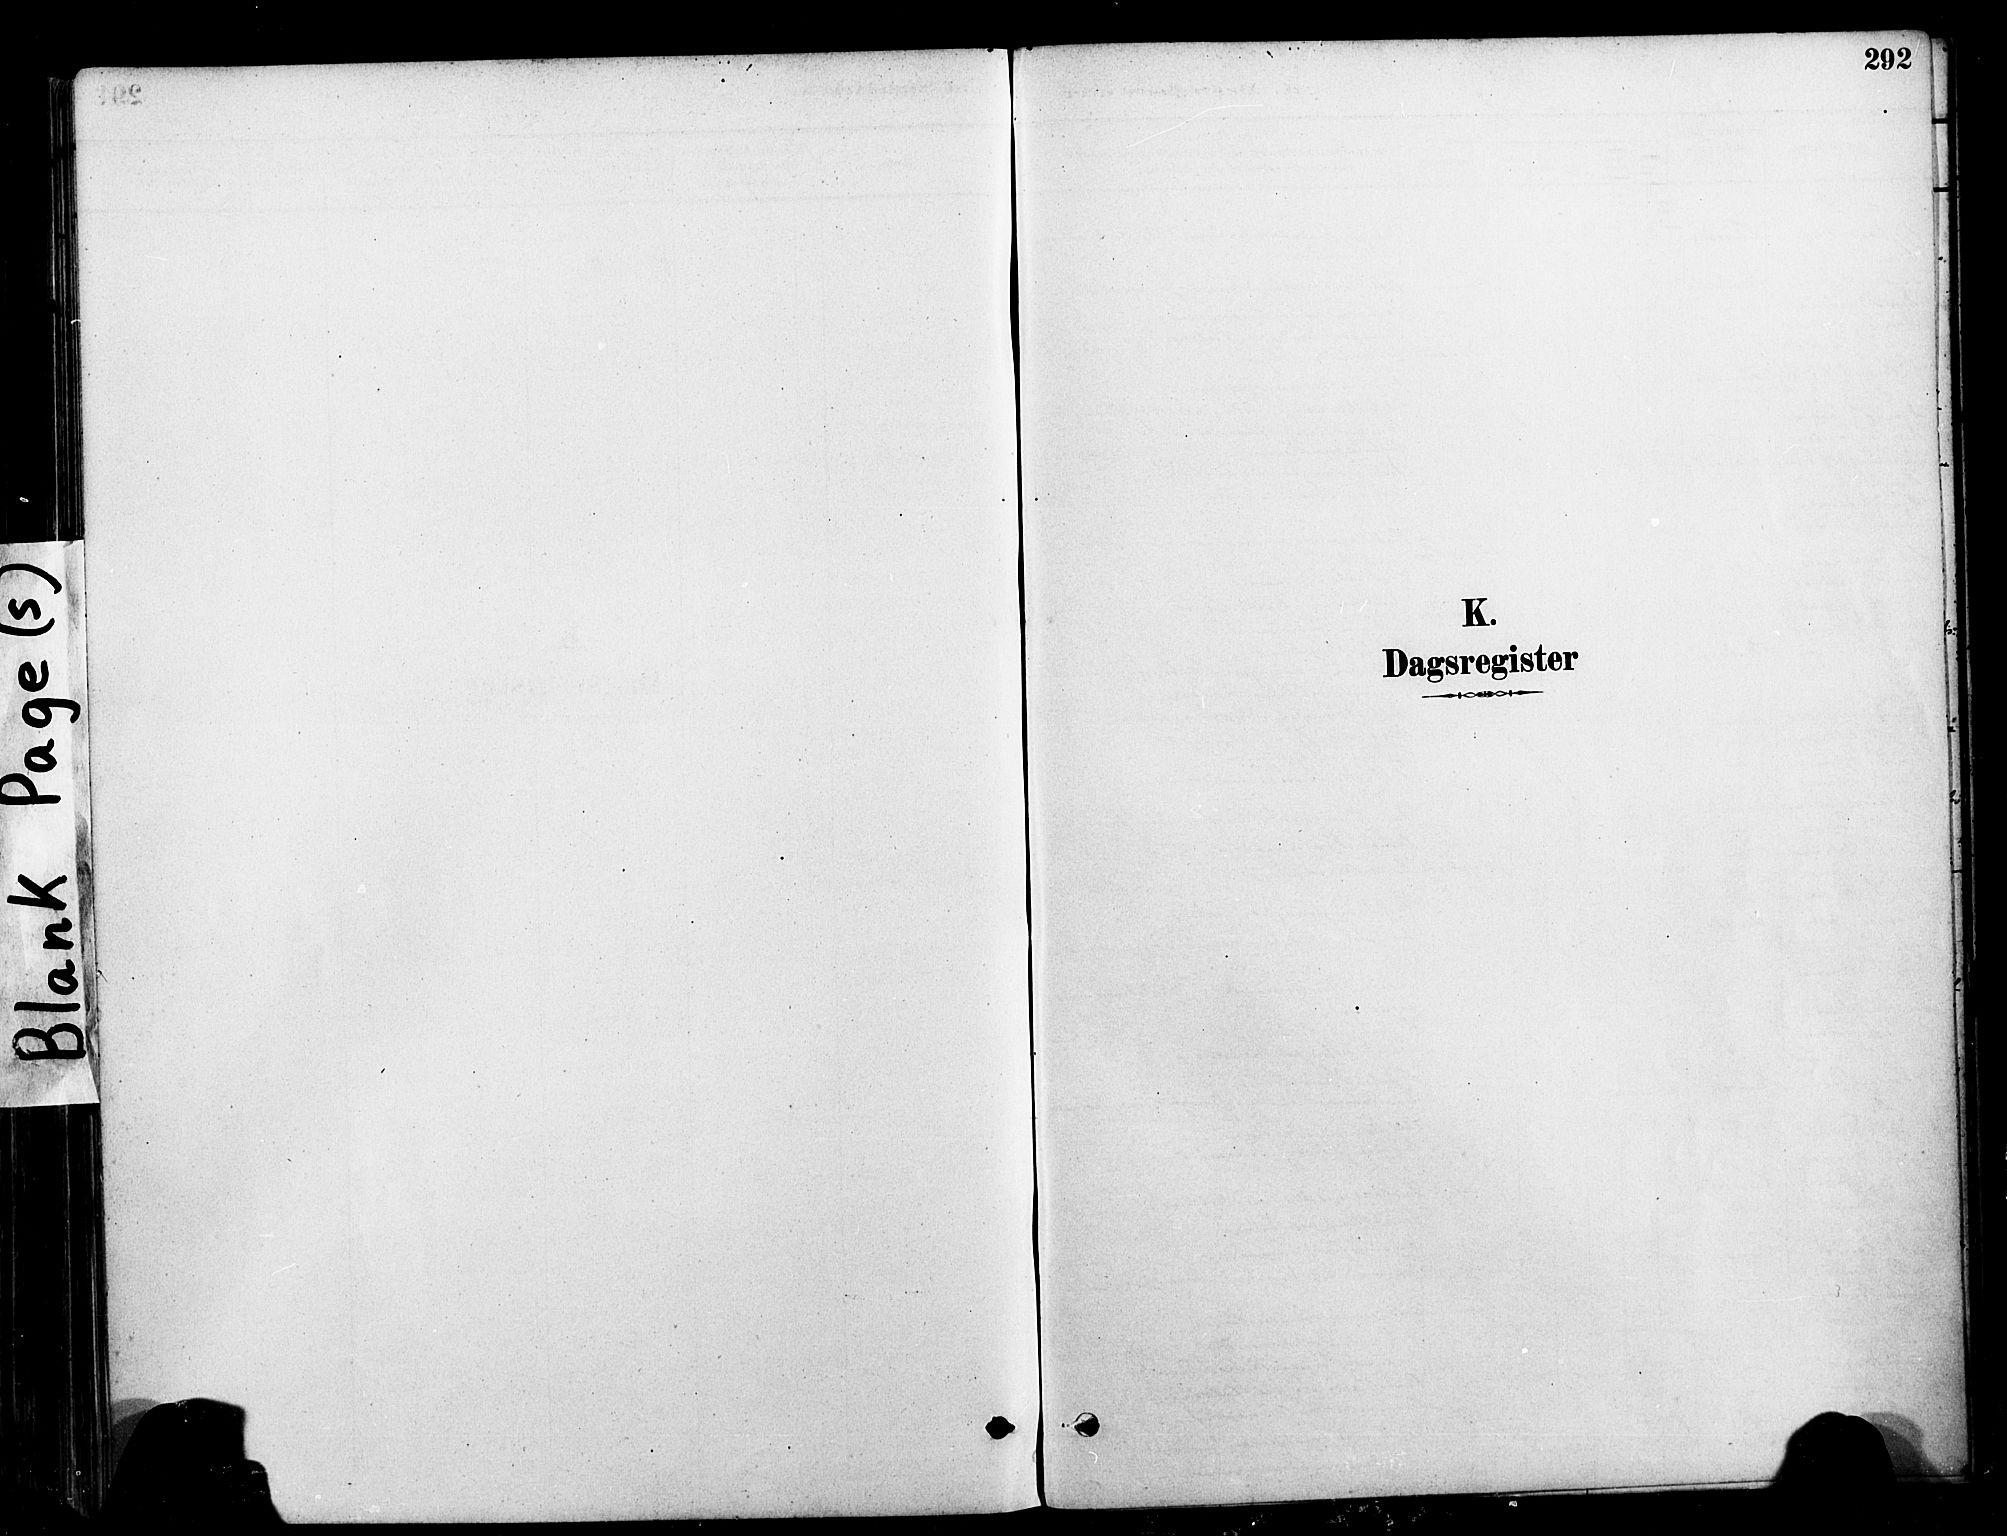 SAT, Ministerialprotokoller, klokkerbøker og fødselsregistre - Nord-Trøndelag, 709/L0077: Ministerialbok nr. 709A17, 1880-1895, s. 292